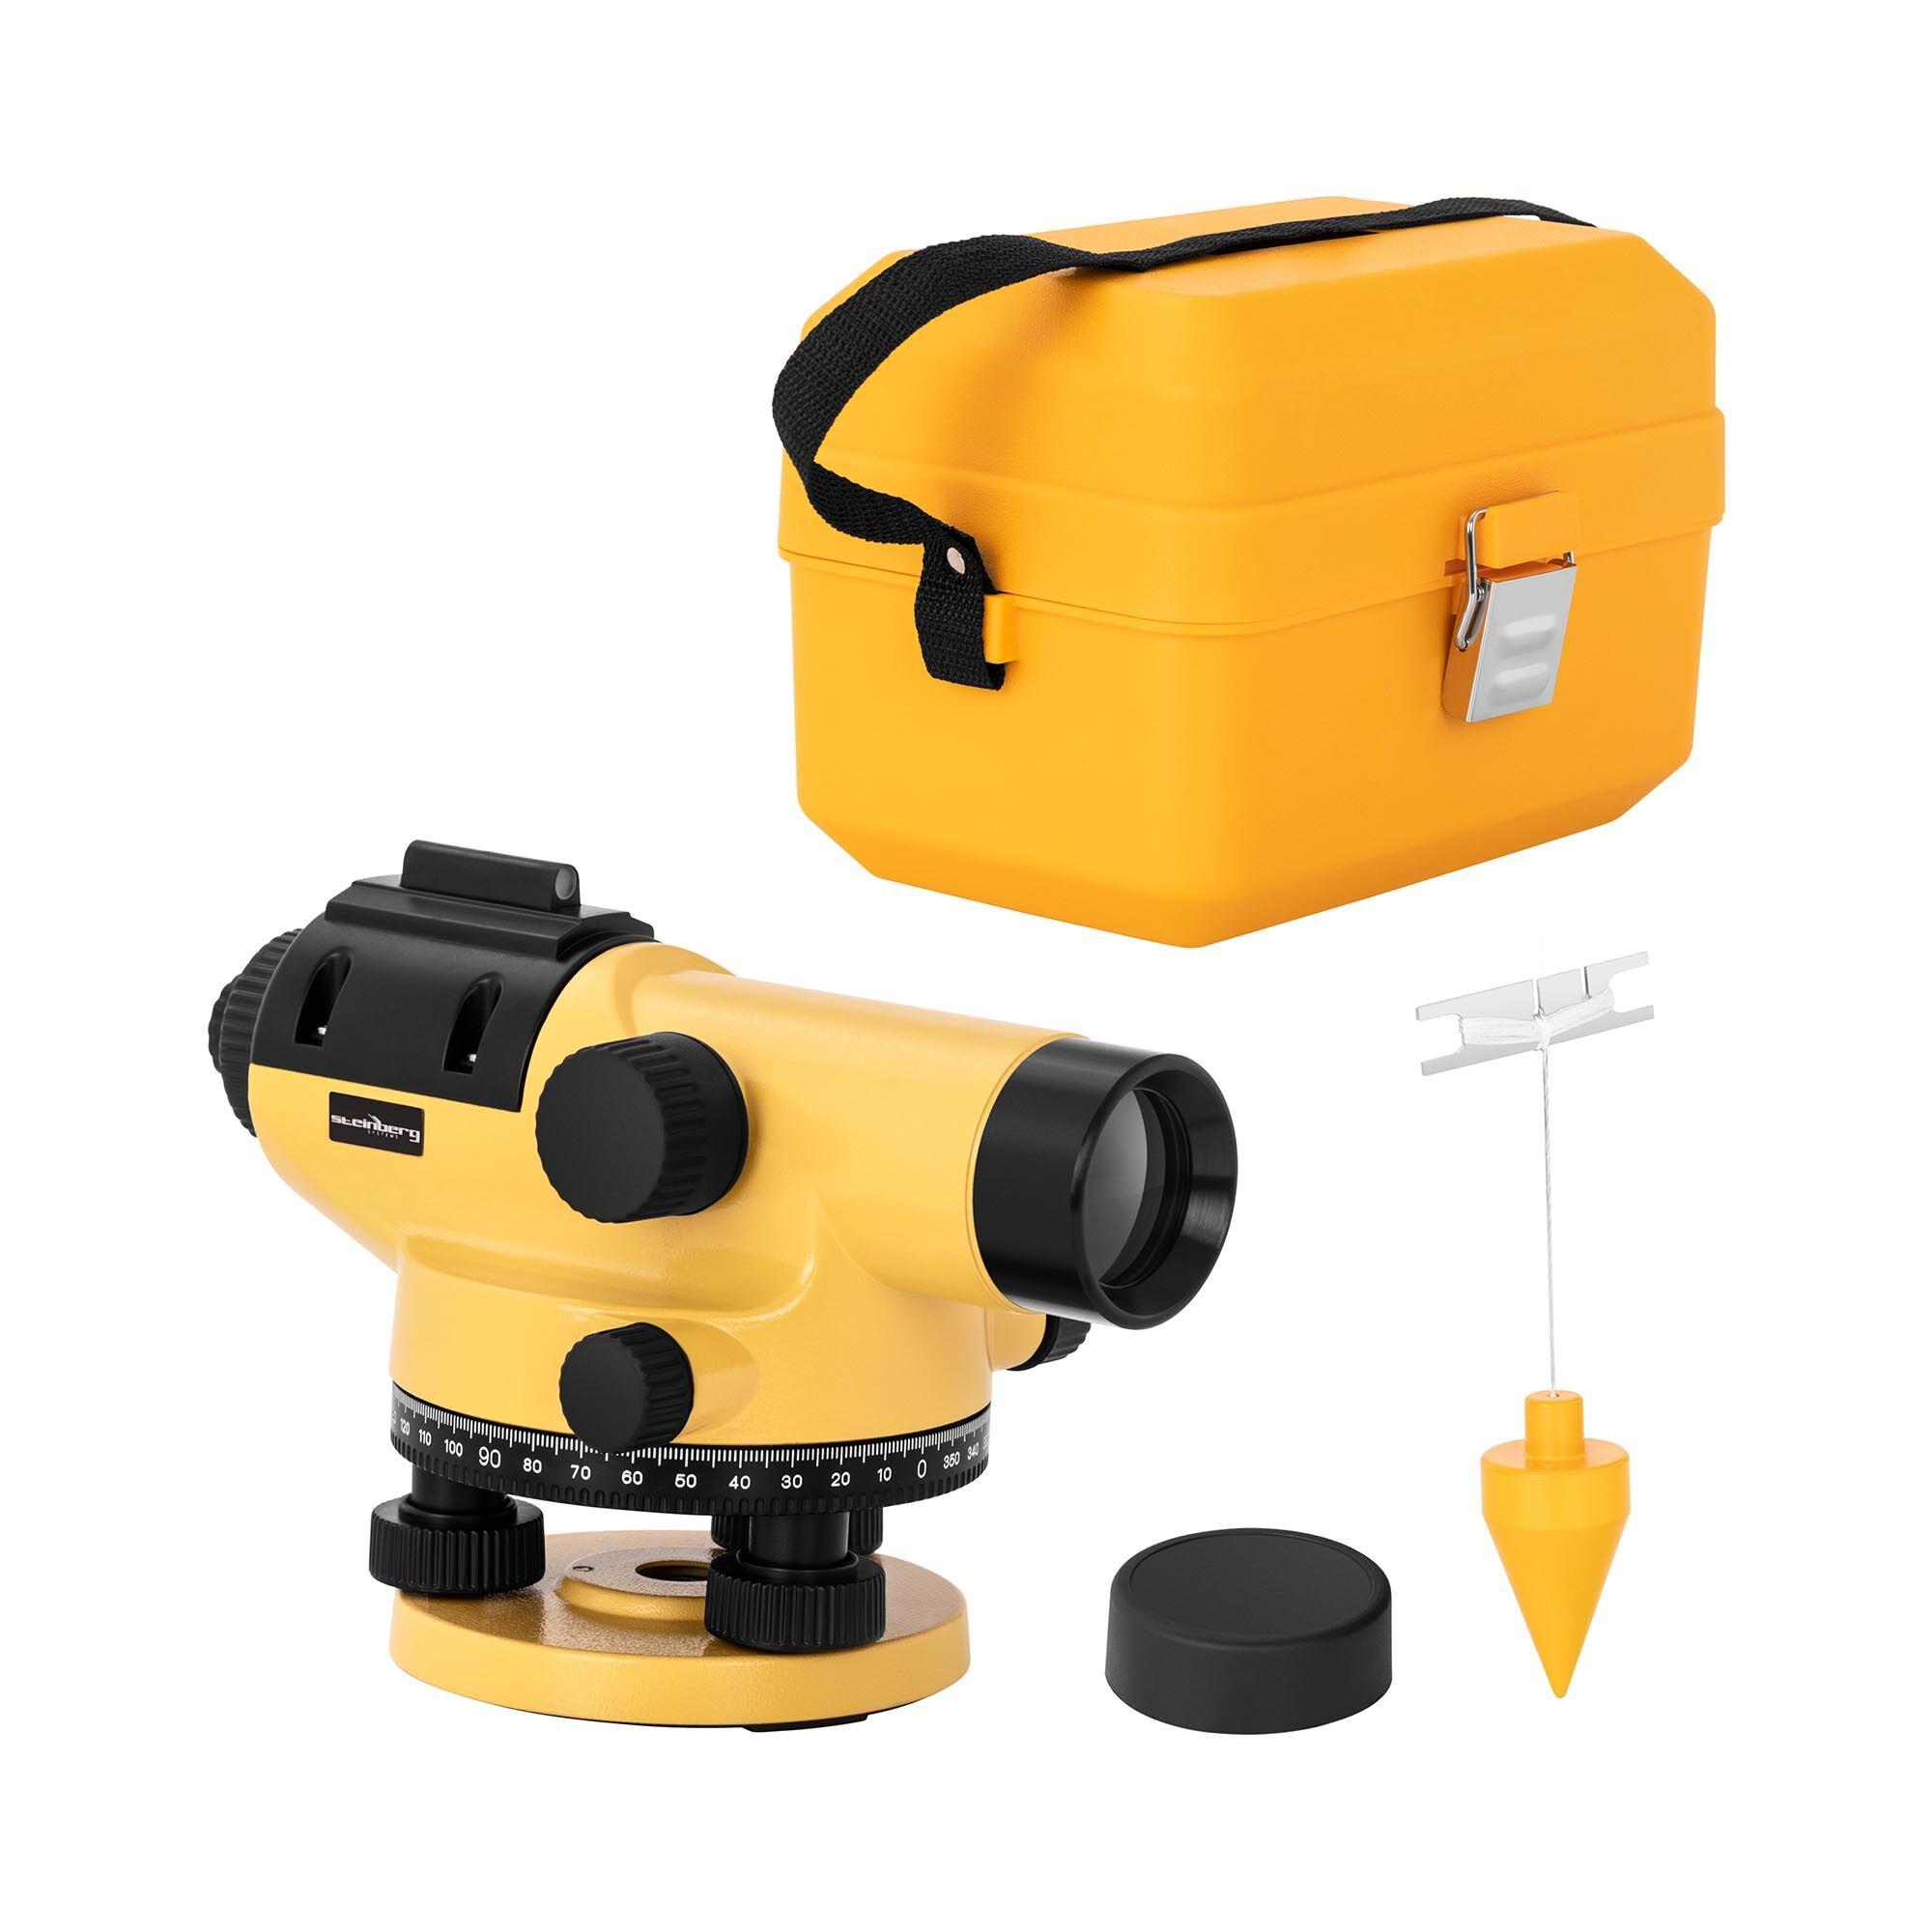 Steinberg Livello ottico - ingrandimento 32x - obiettivo 38 mm - deviazione 1 mm - compensatore magnetico - alluminio SBS-LI-32/38